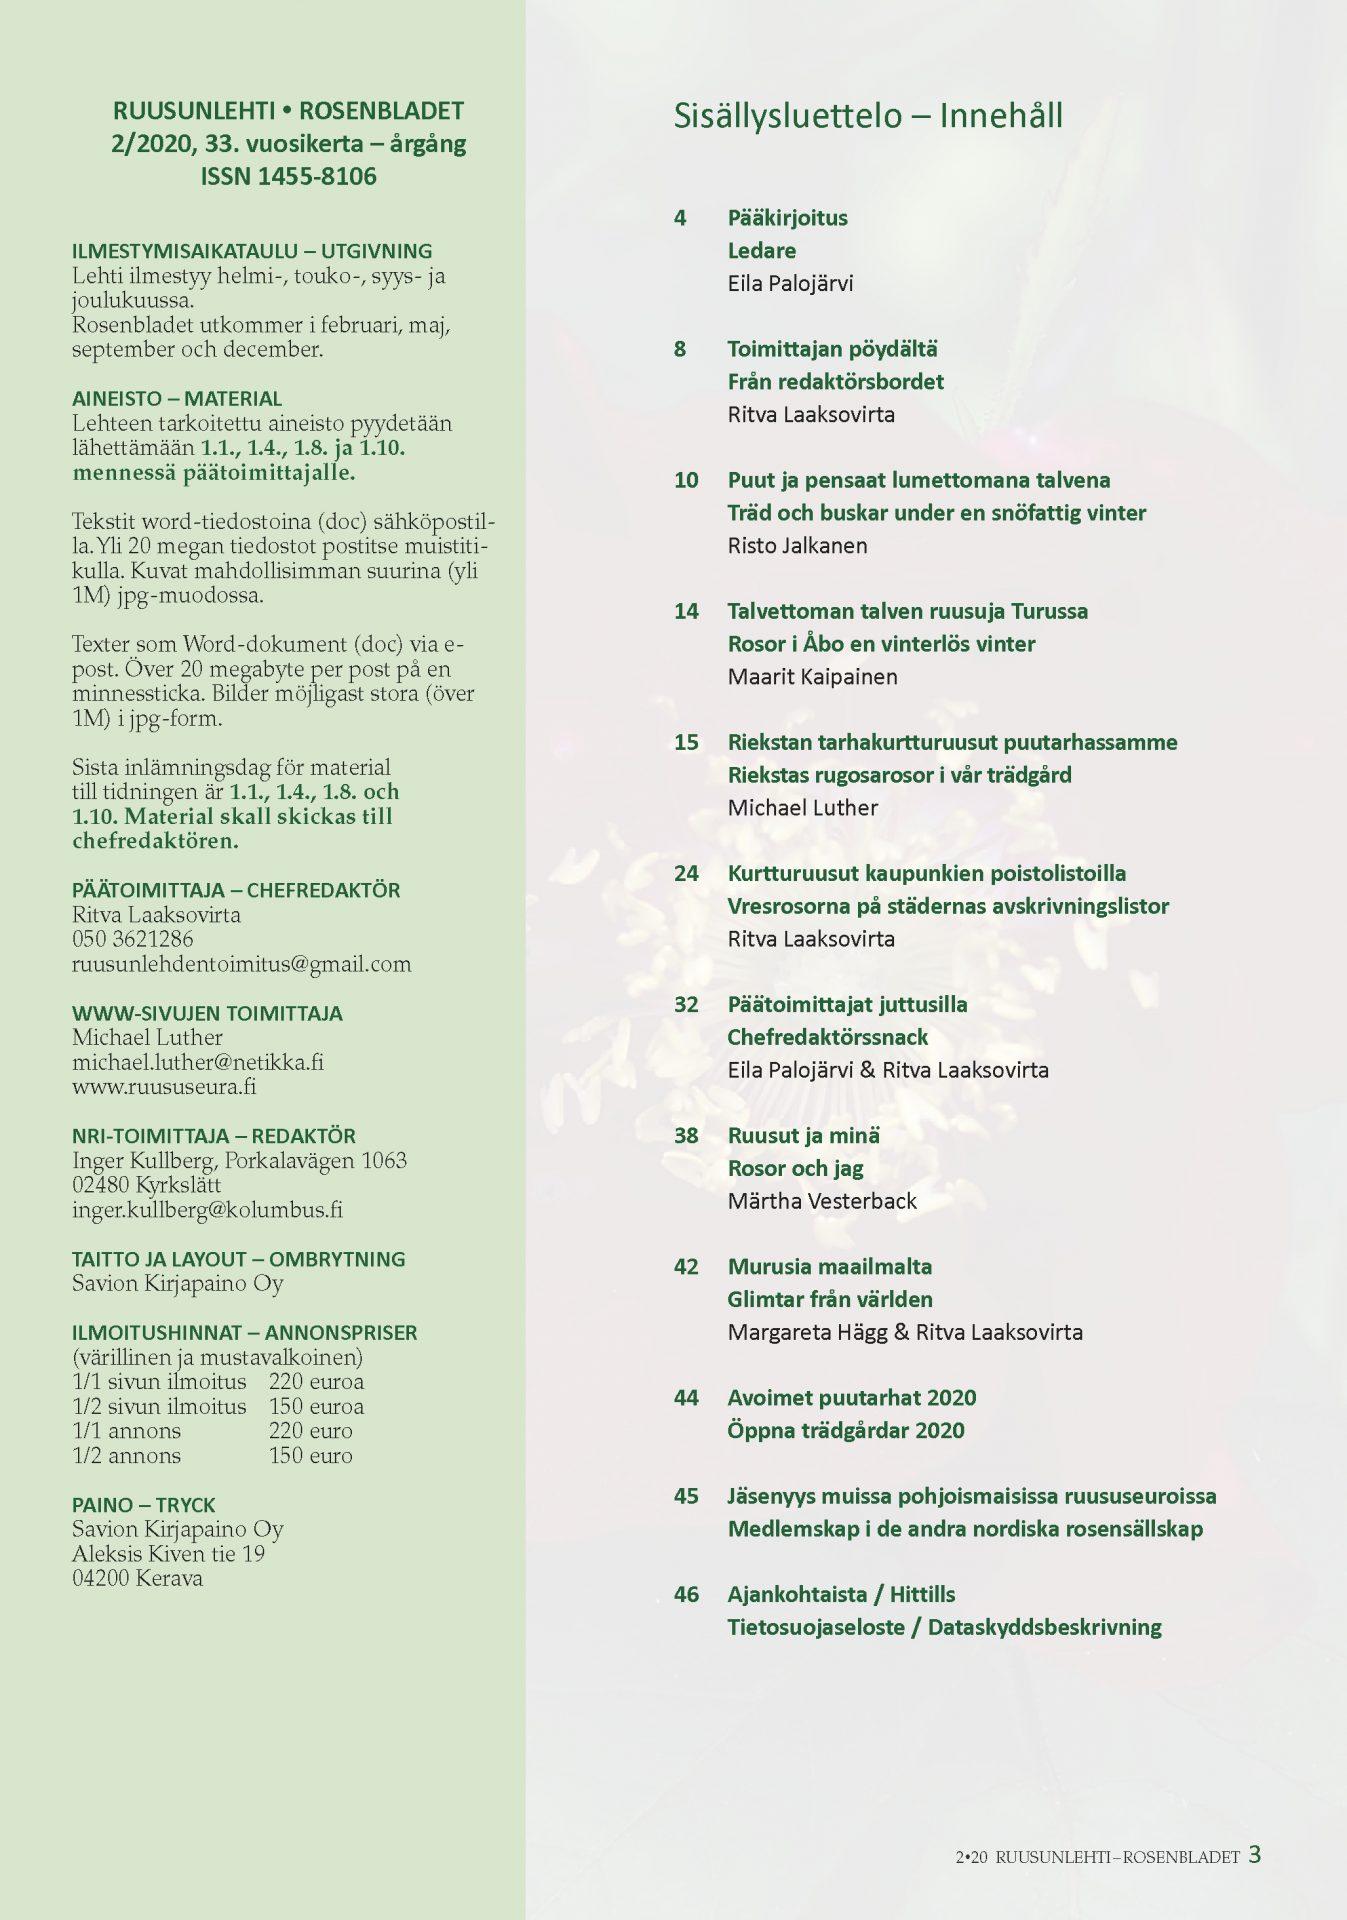 Rosenbladet 2-2020 innehållsförteckning